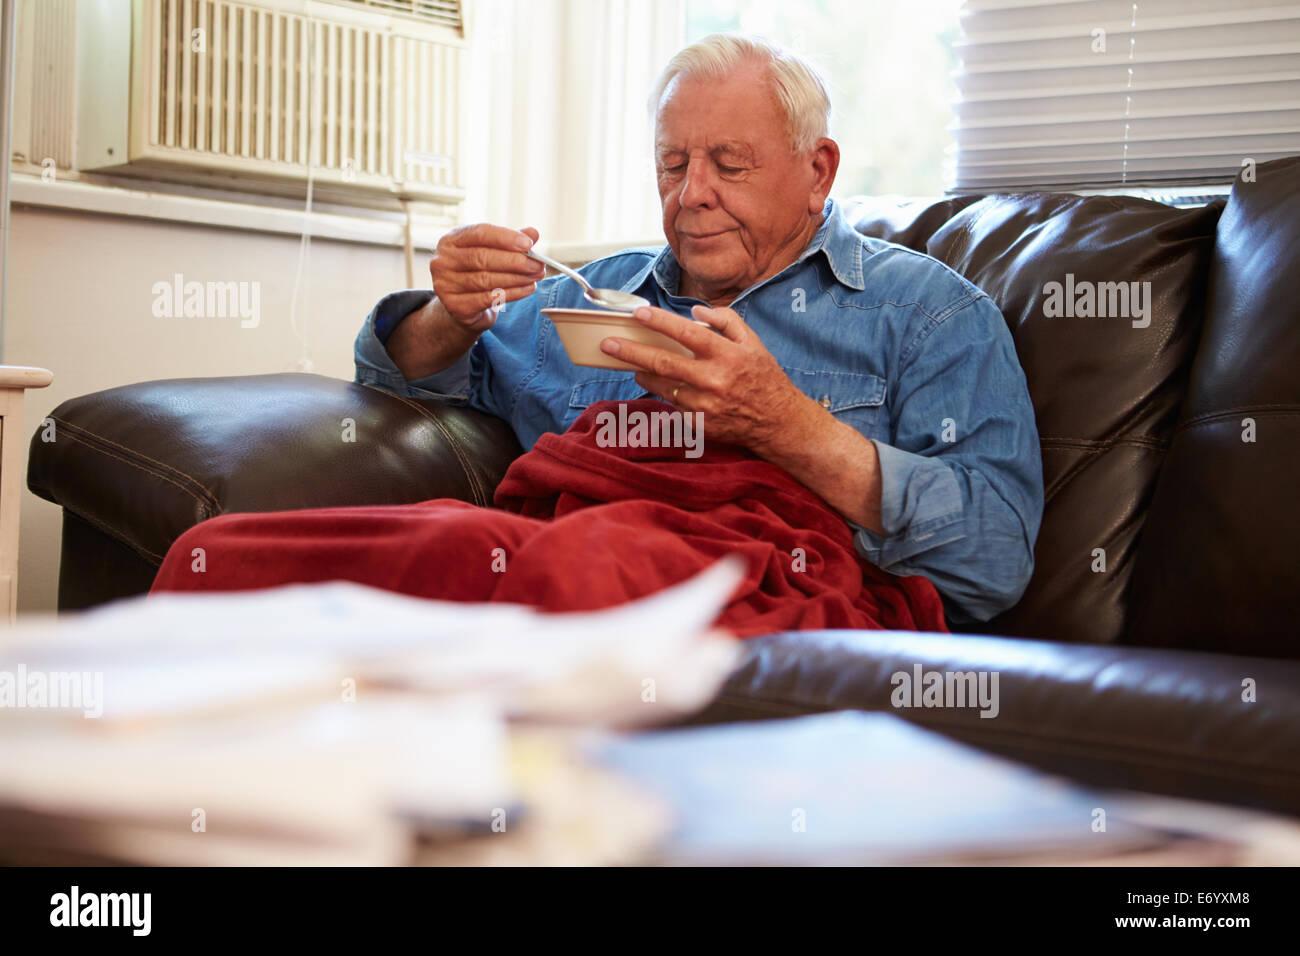 Man avec une mauvaise alimentation au chaud sous une couverture Photo Stock